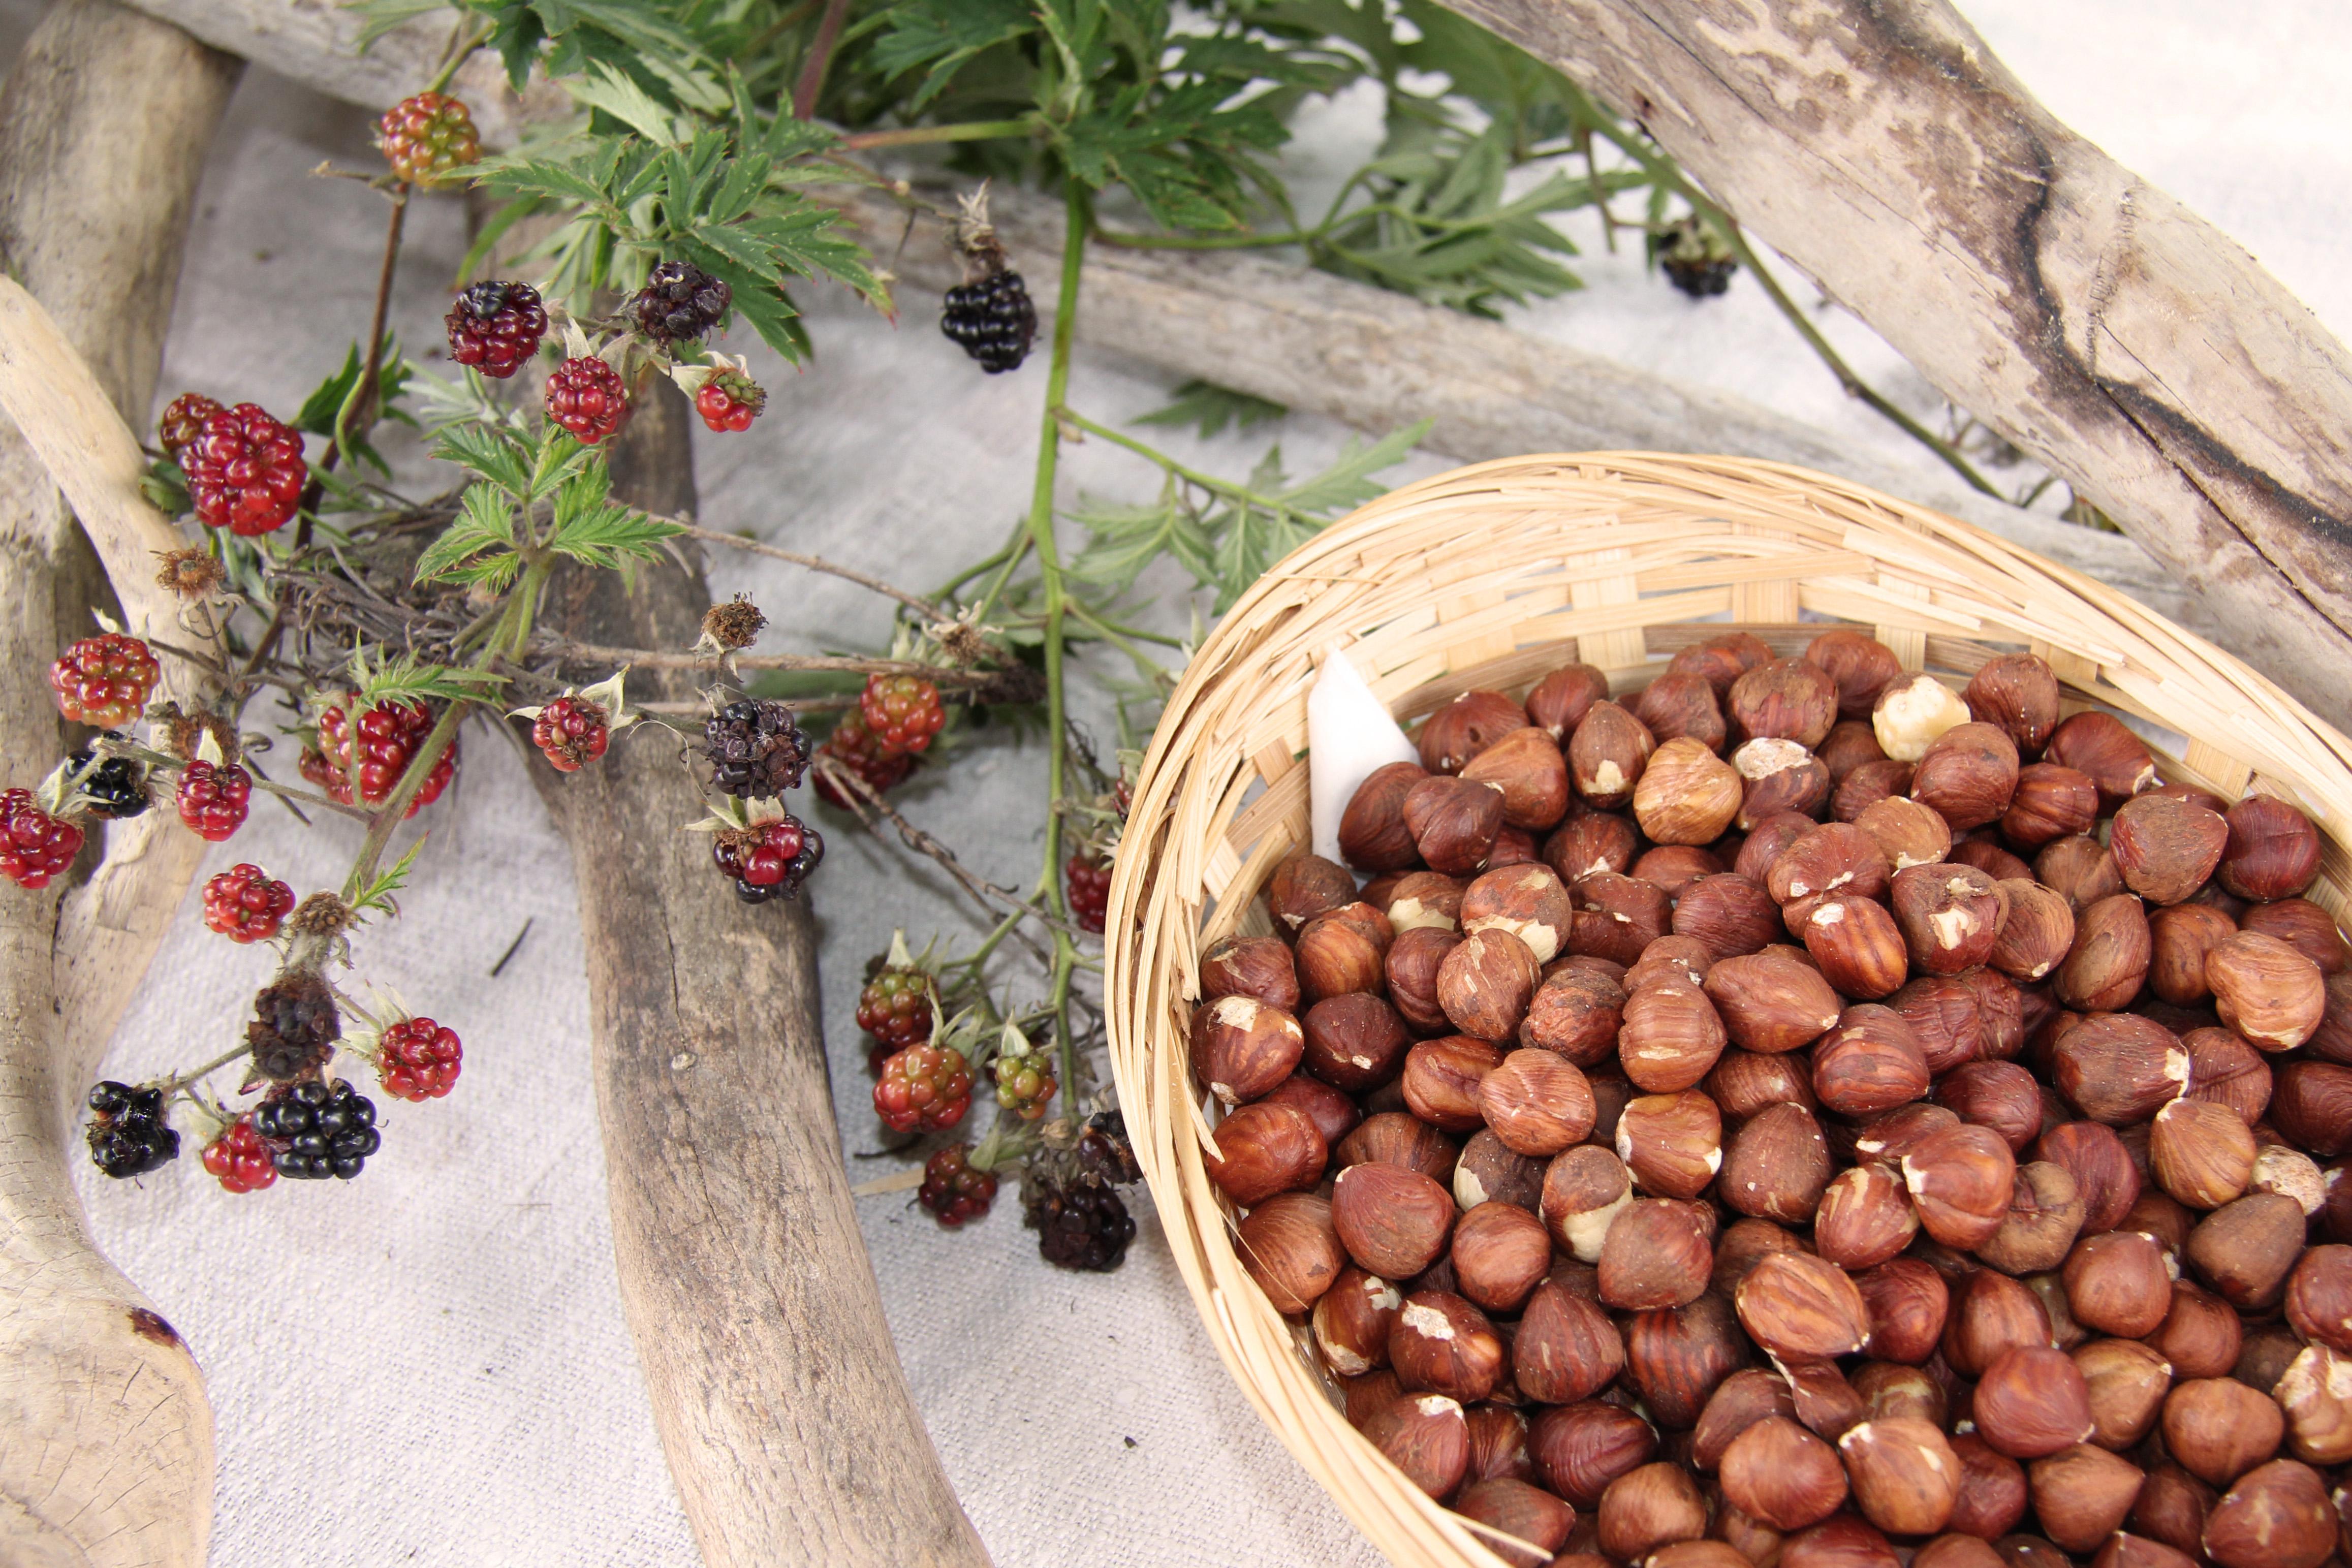 Haselnussschalen und Reste von Beeren zeigen, dass ein großer Teil der Nahrung noch gesammelt wurde.